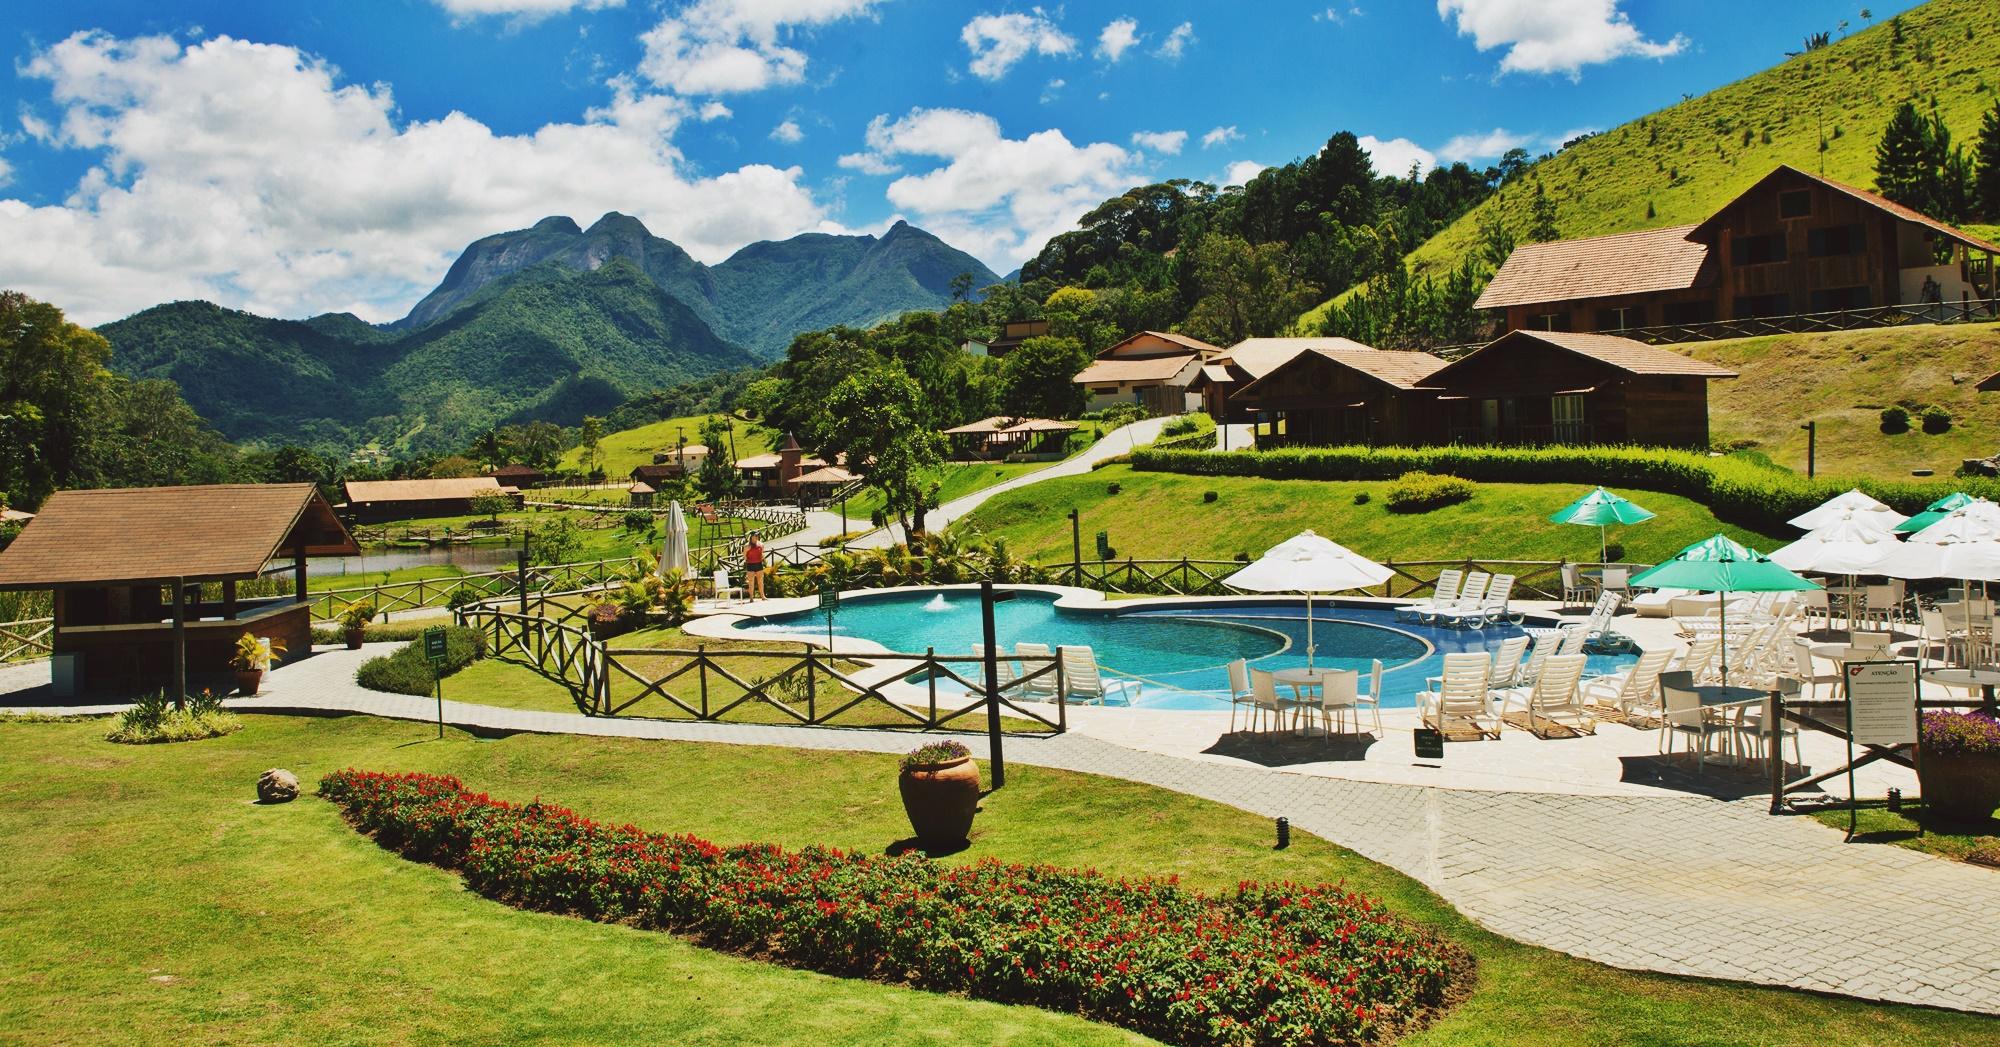 Fazenda Suíça: conheça o incrível hotel fazenda do Le Canton